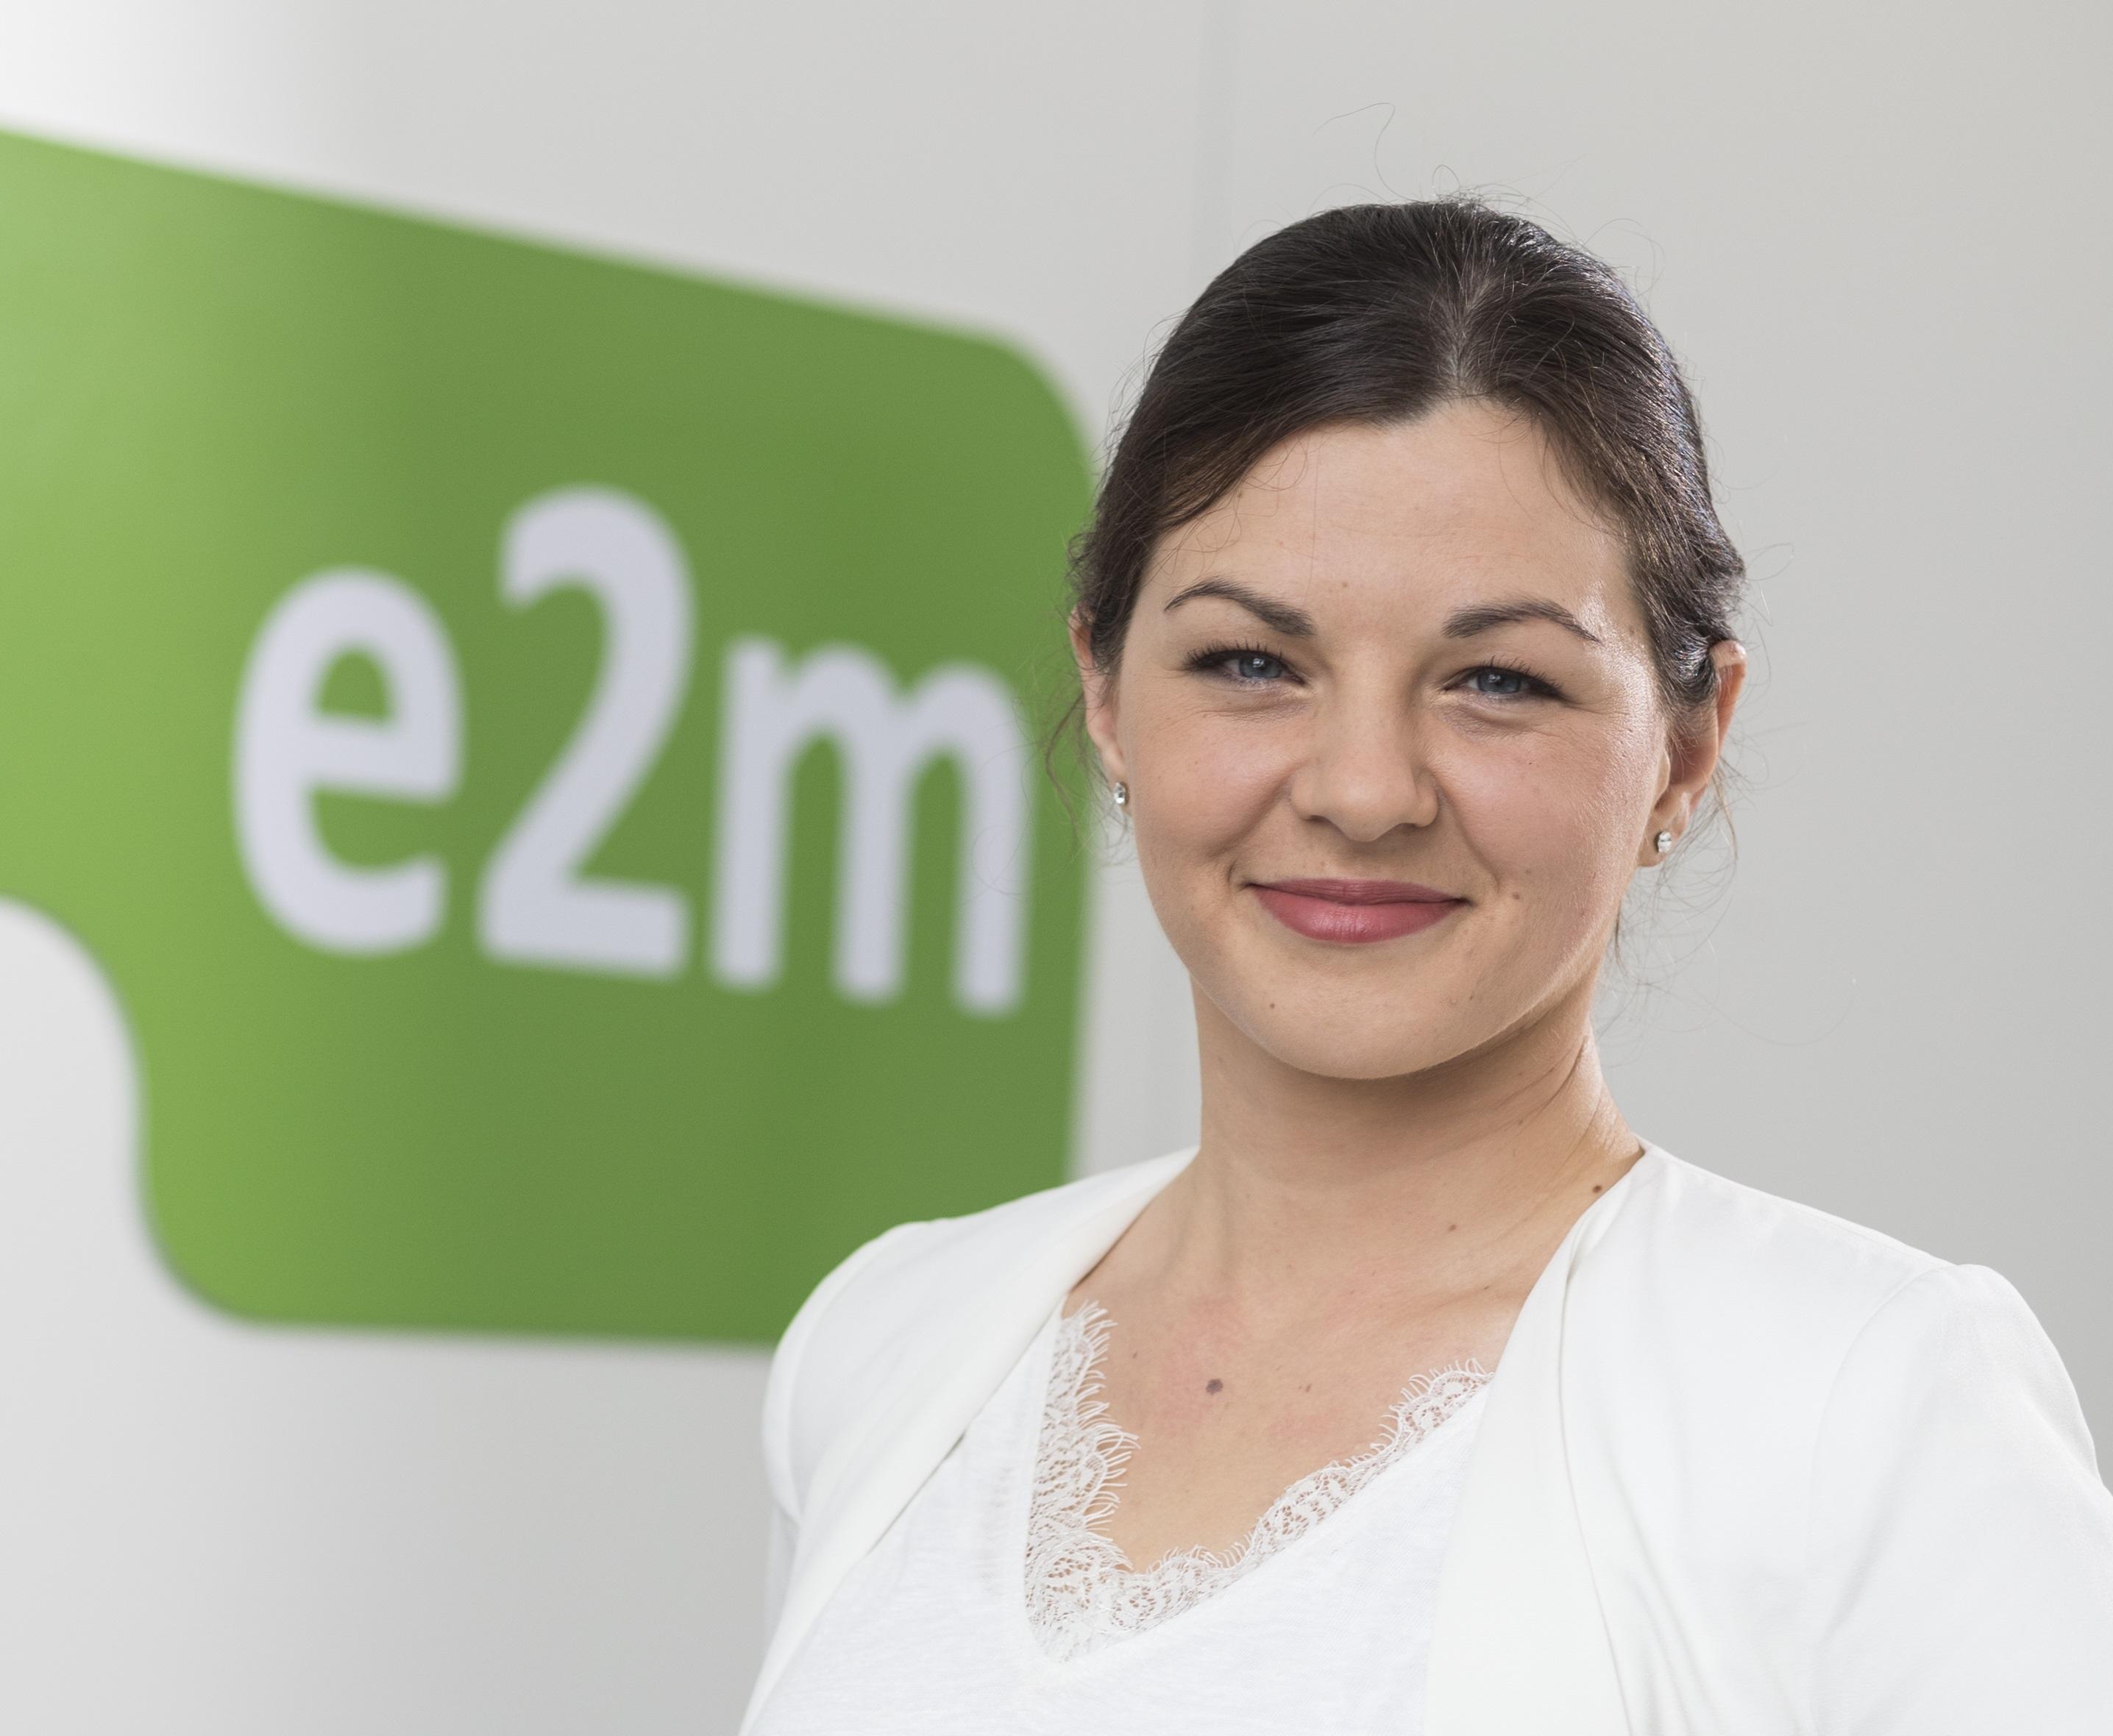 Marktchancen in Polen für Ökostromhandel